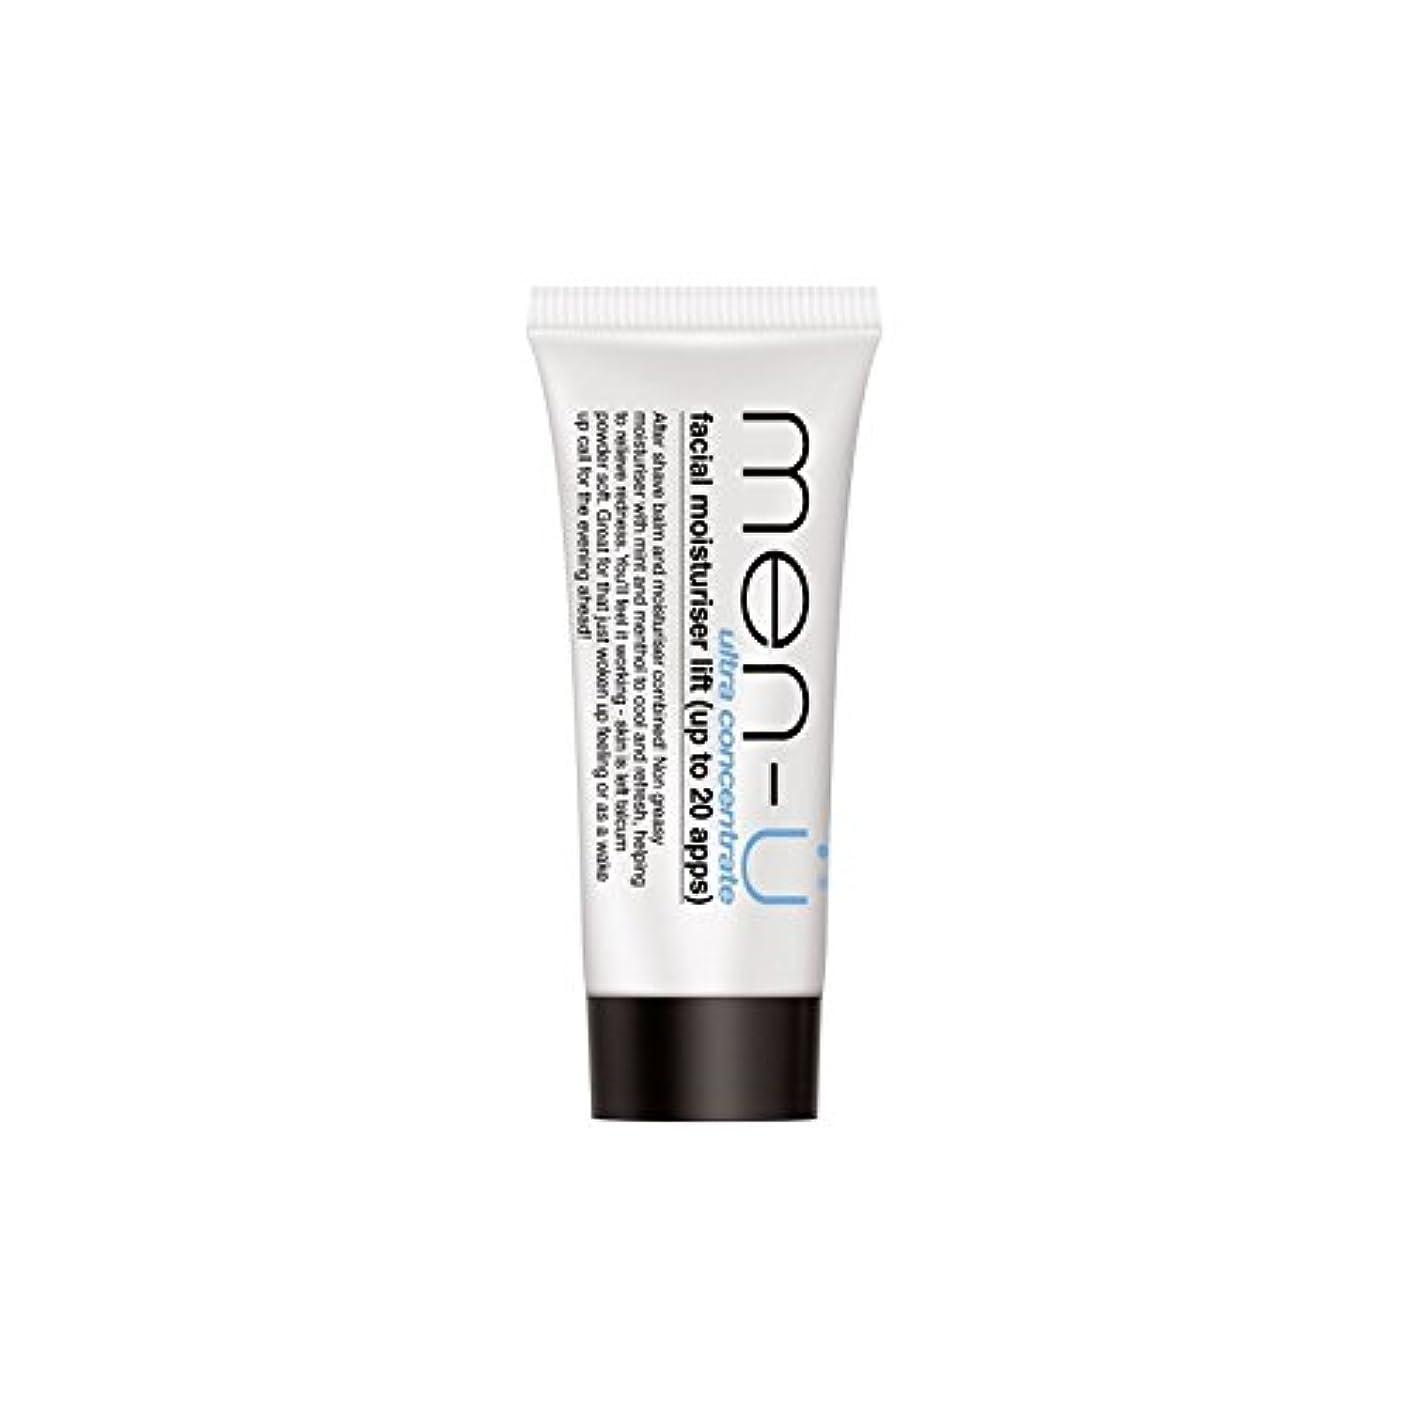 添加剤ビクター兄弟愛男性-のバディ顔の保湿剤のリフトチューブ(15ミリリットル) x4 - Men-? Buddy Facial Moisturiser Lift Tube (15ml) (Pack of 4) [並行輸入品]